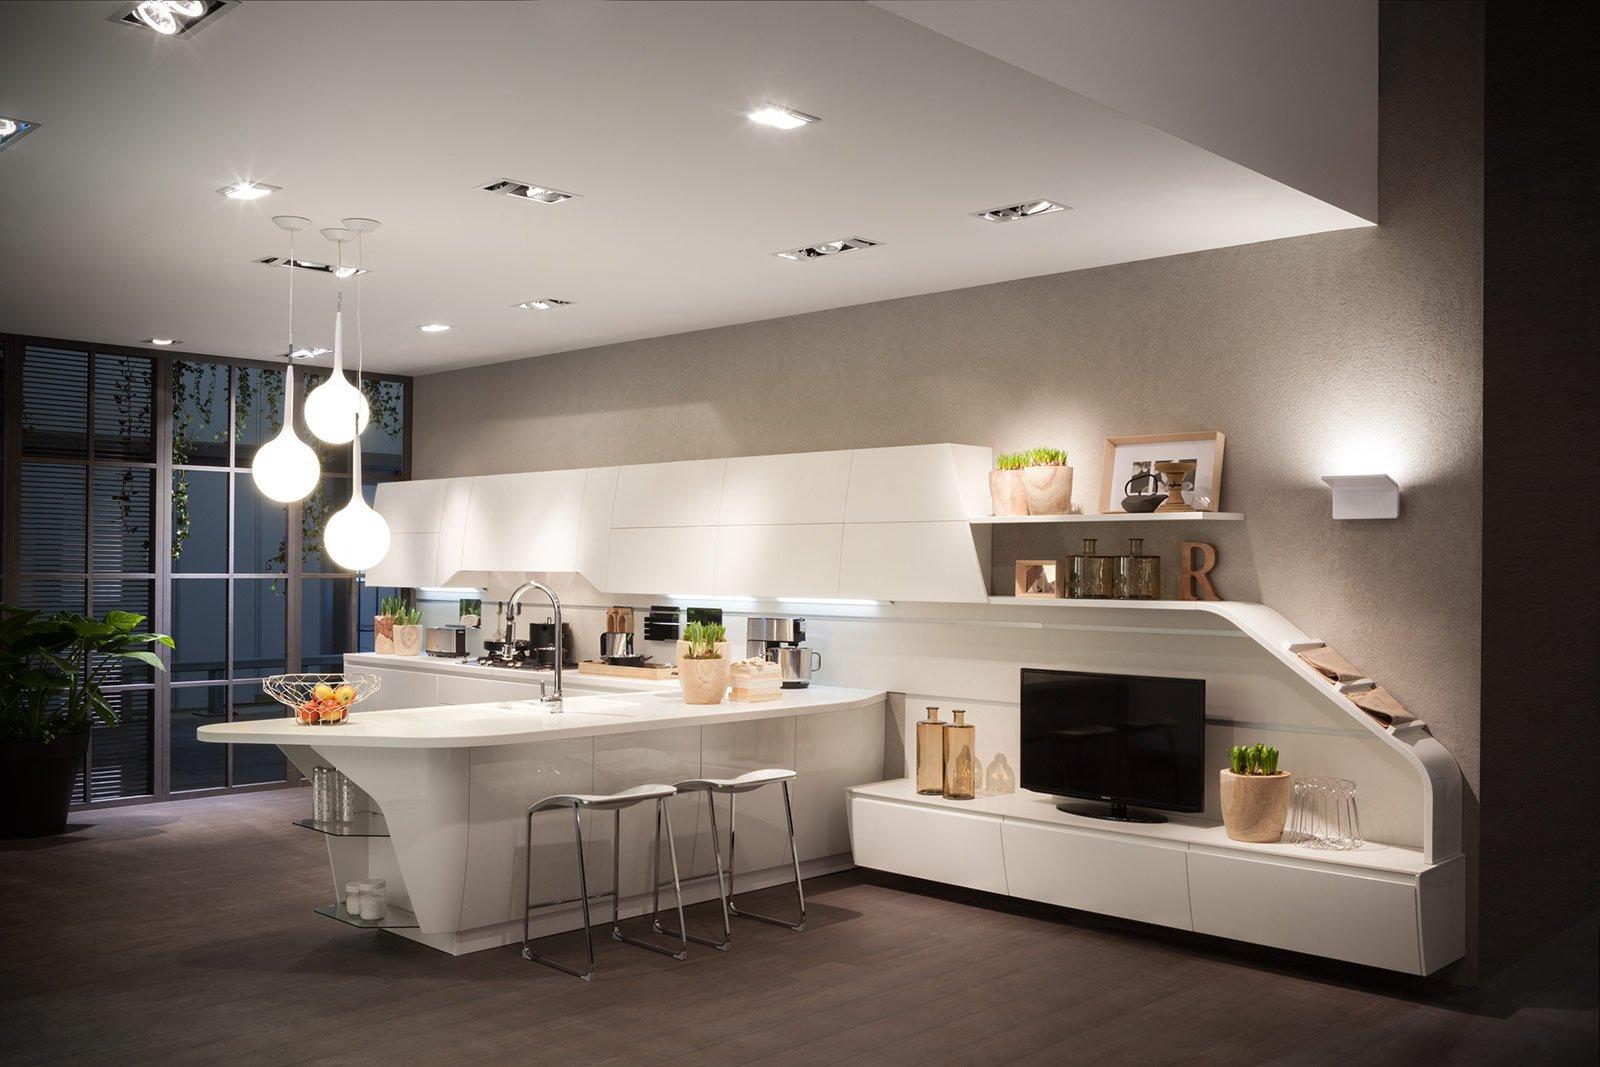 DINAMICA E SINUOSA, la cucina FluxSwing ha linee morbide e innovative ...